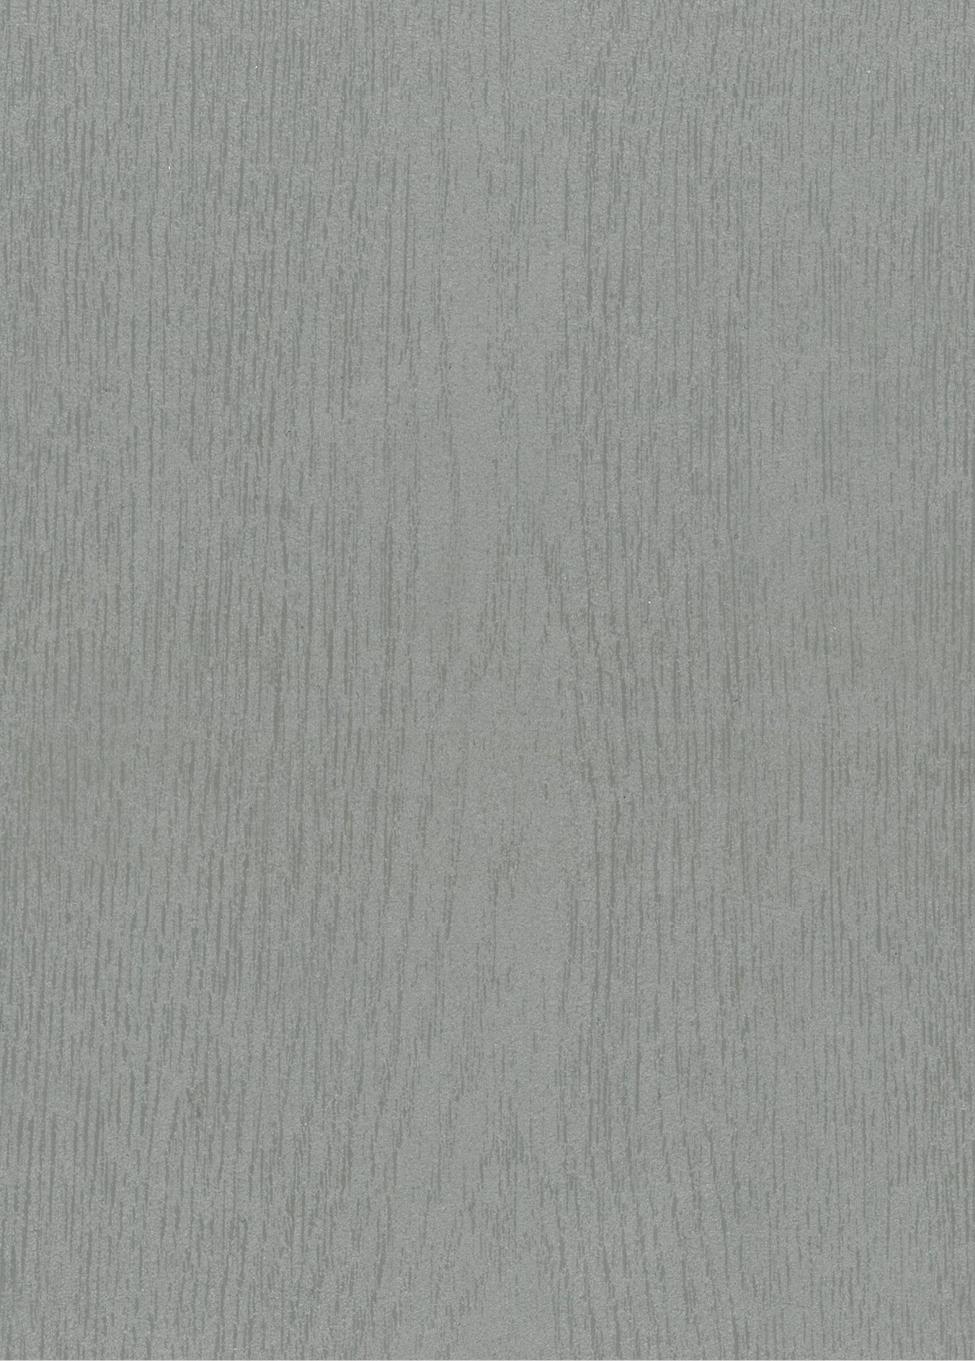 colofer® vario grey oak